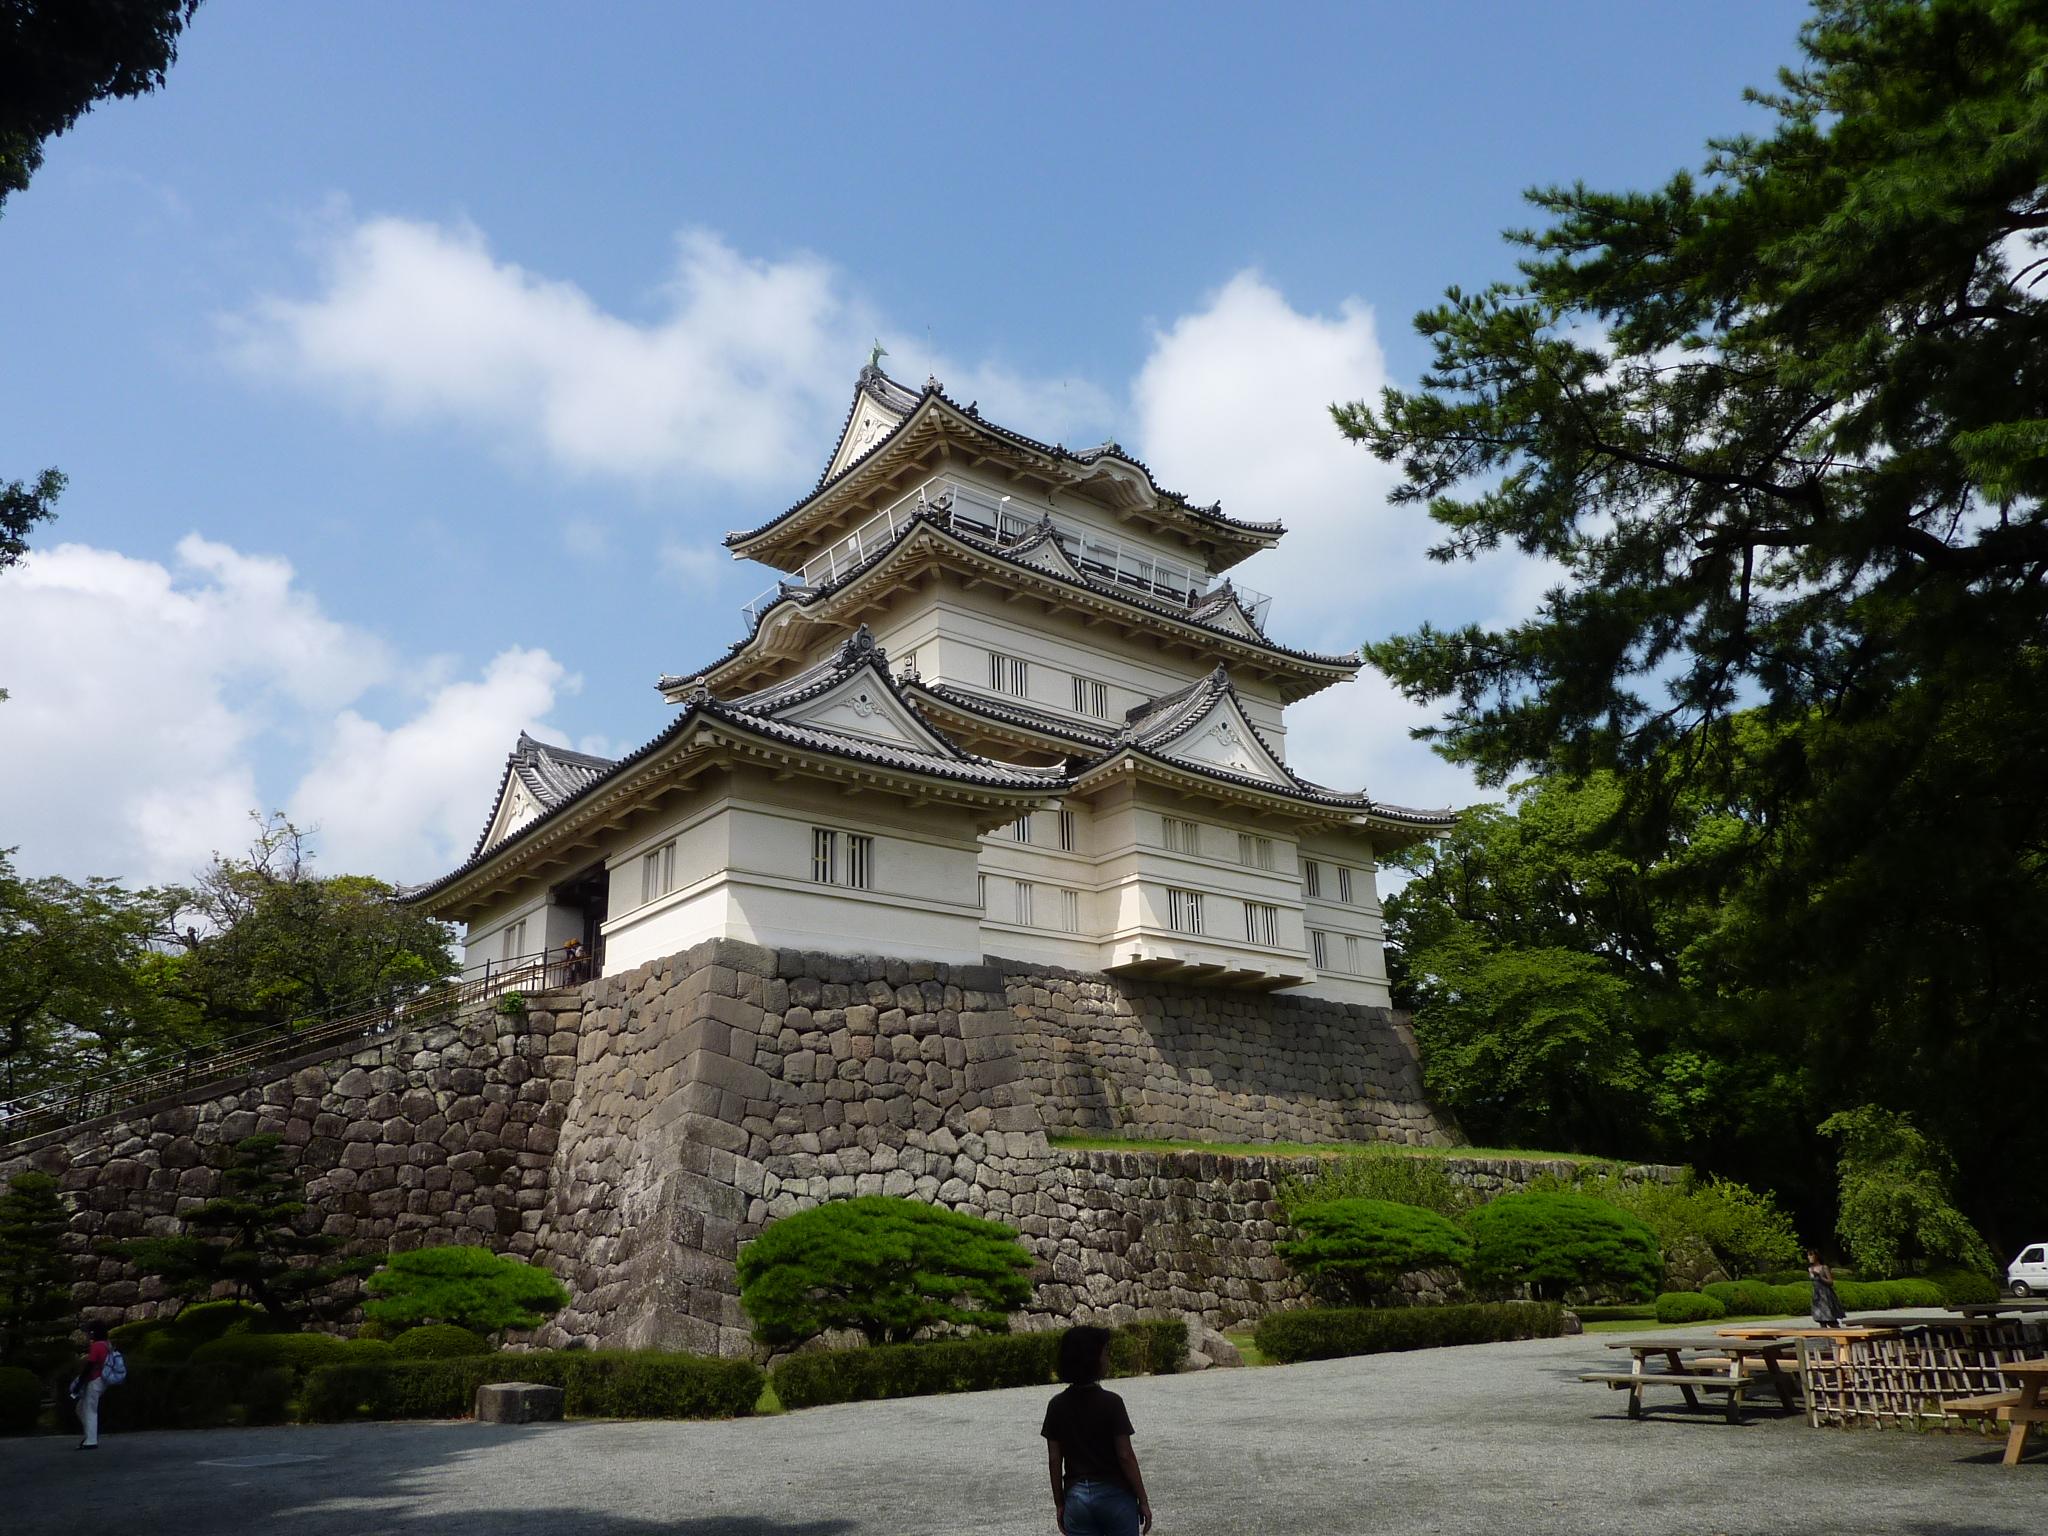 小田原、箱根そして三島と伊豆長岡温泉